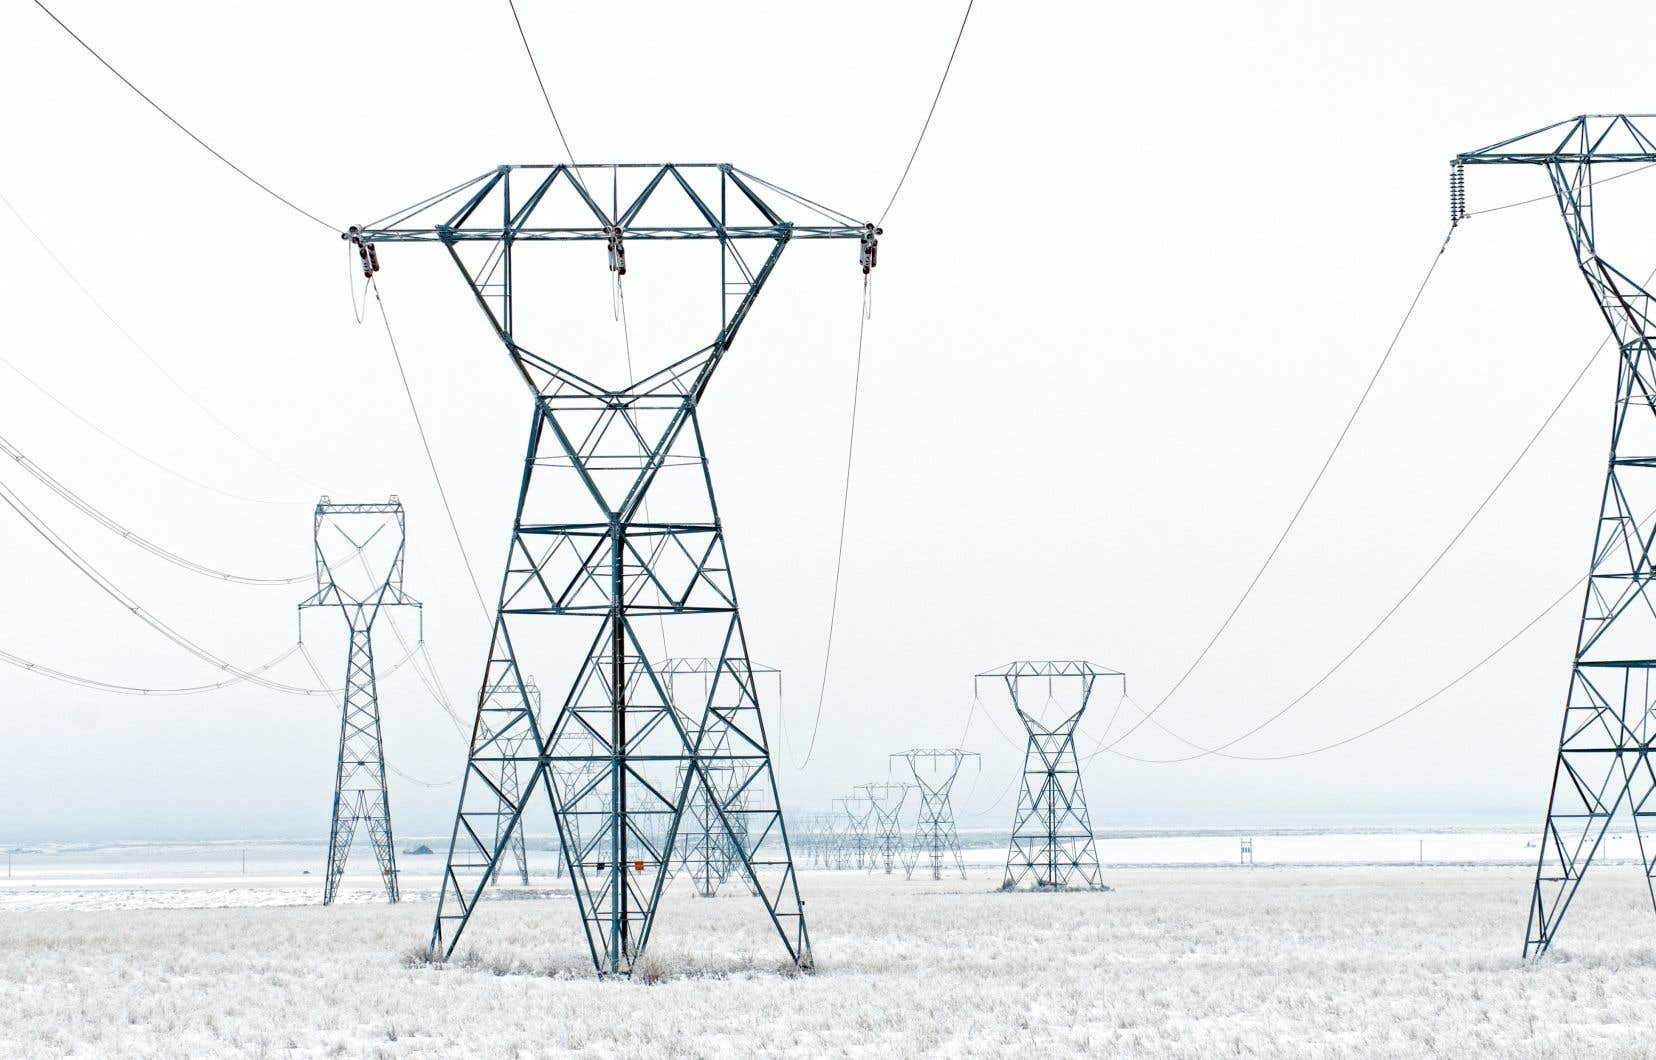 L'approvisionnement en énergie électrique de filières énergivores constitue une avenue à privilégier, affirment les auteurs.